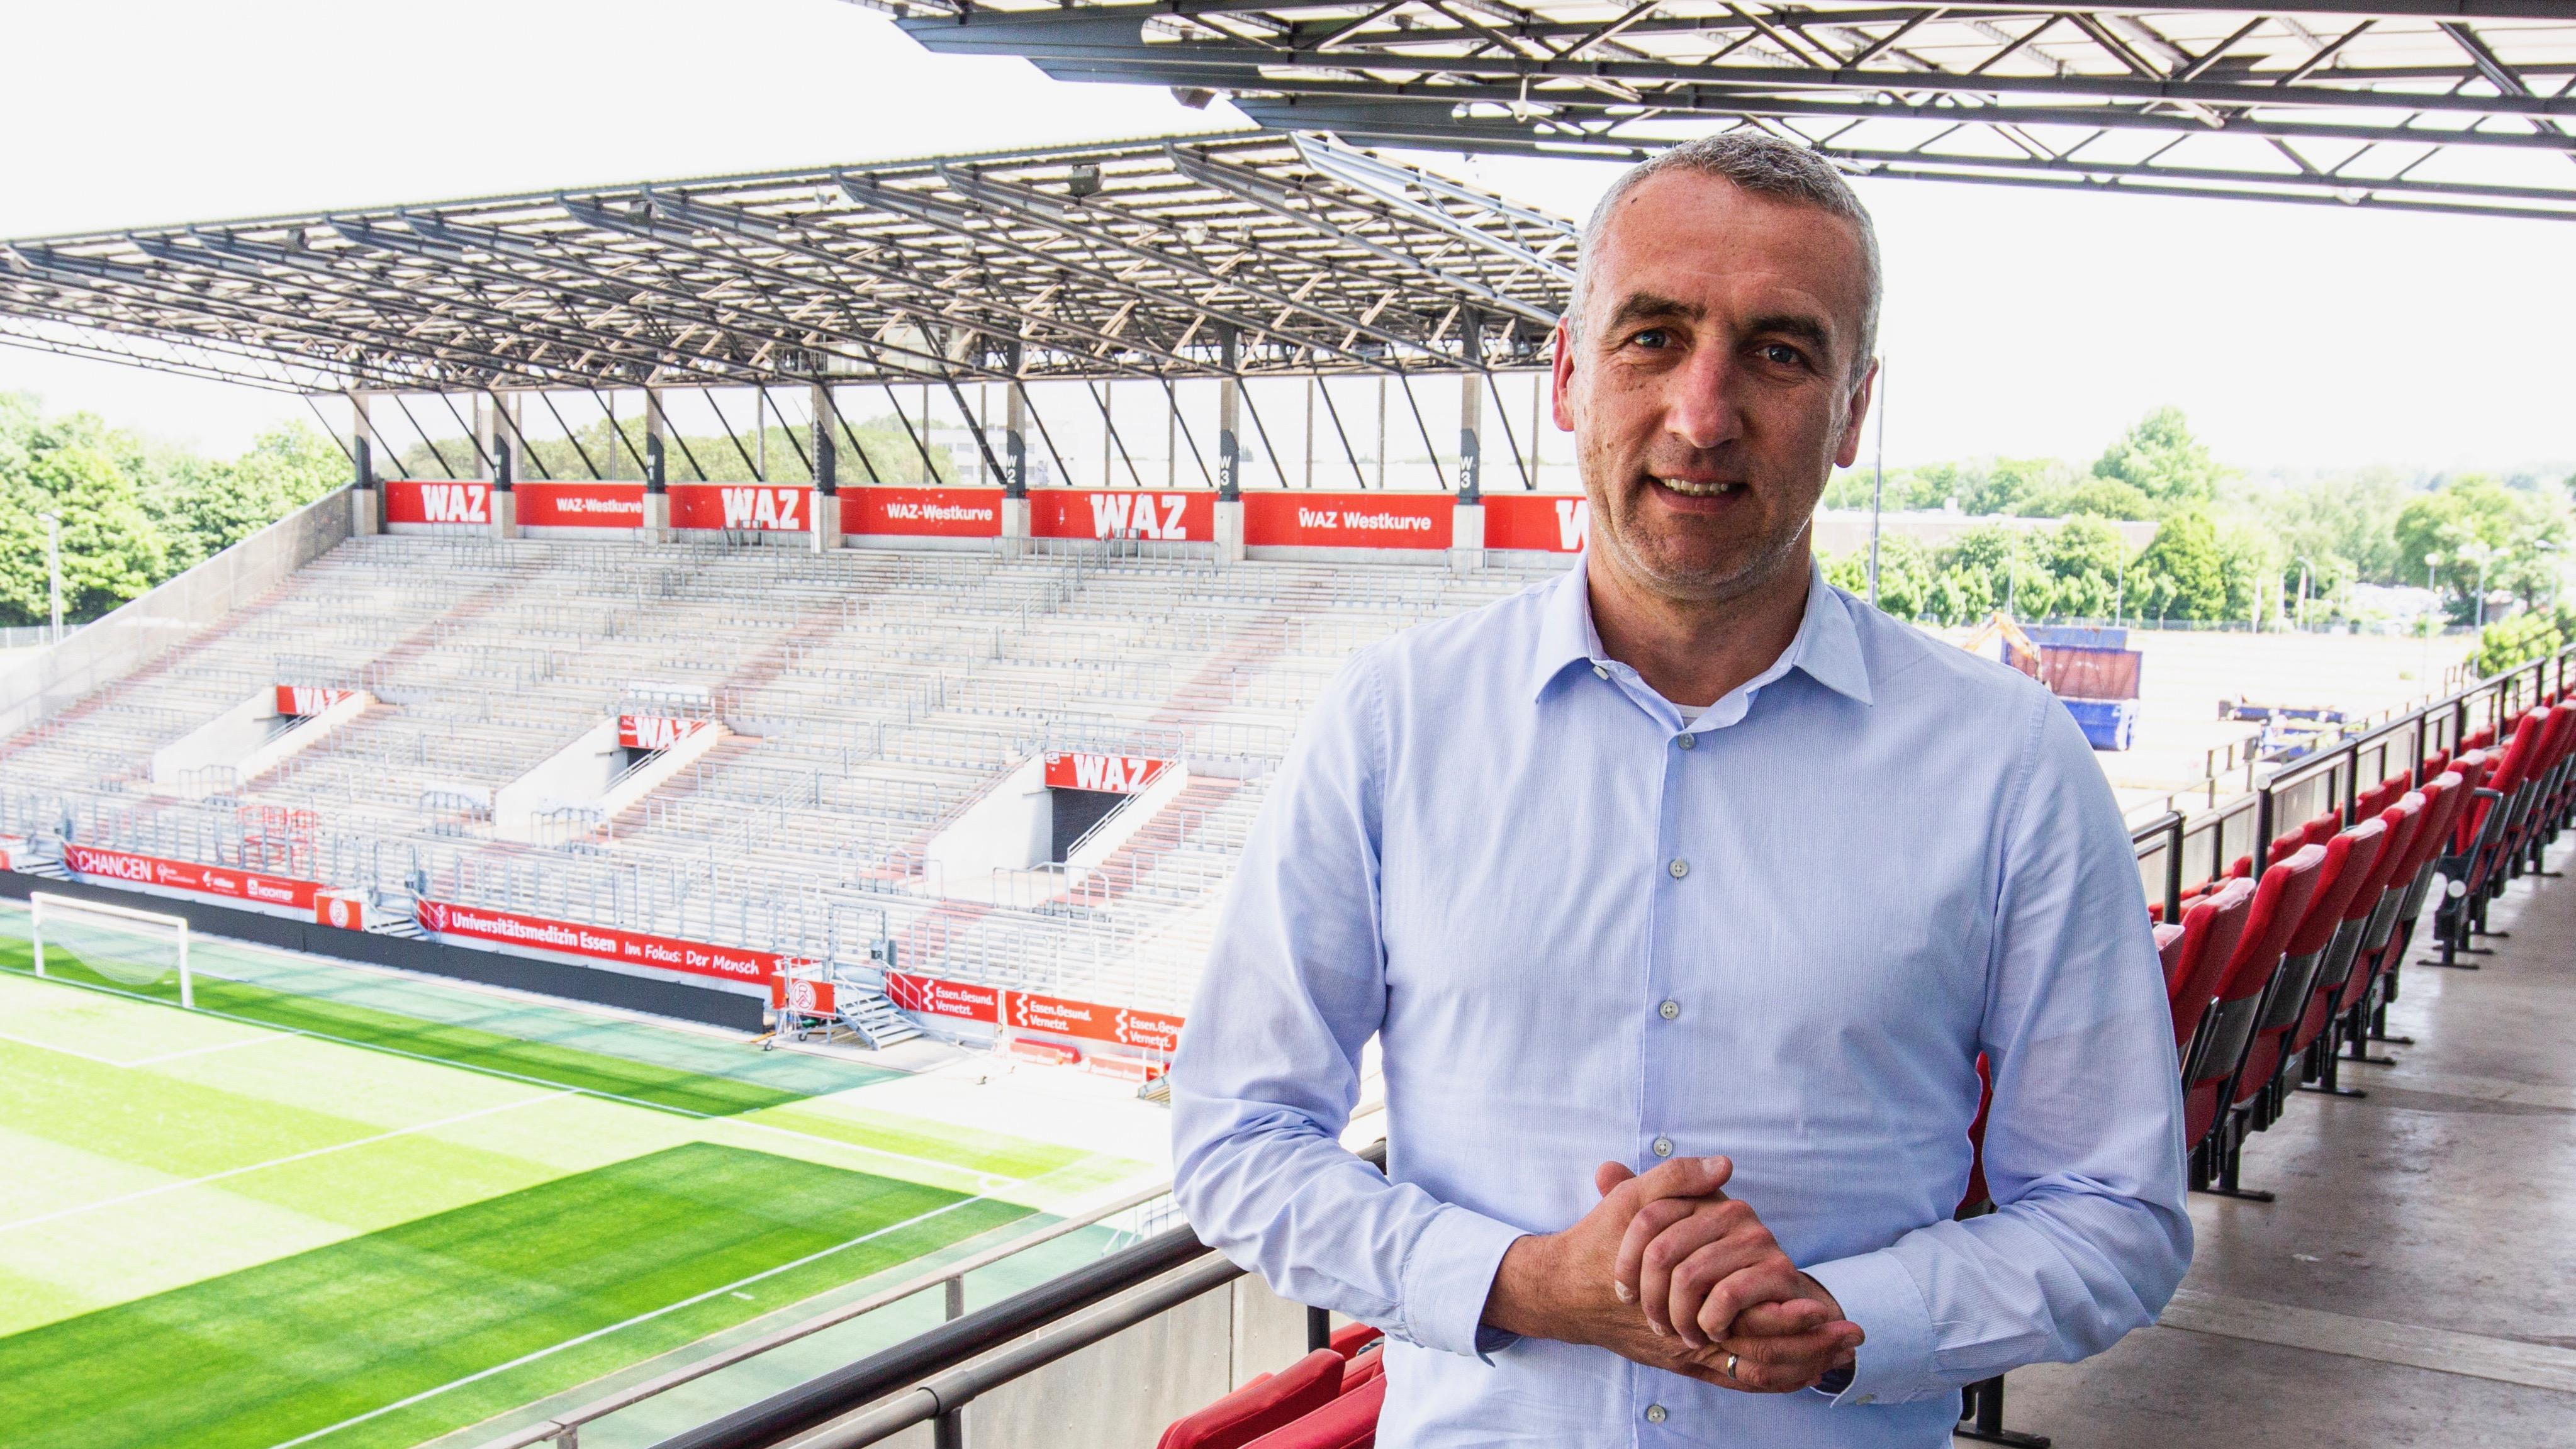 """Marcus Uhlig hätte auch gegen Münster gerne vor Zuschauern gespielt: """"Wenn Hygienekonzepte augenscheinlich funktionieren, dann sollten sie meiner Meinung nach auch bei Fußballspielen … weiter zur Anwendung kommen dürfen."""" (Foto: RWE)"""